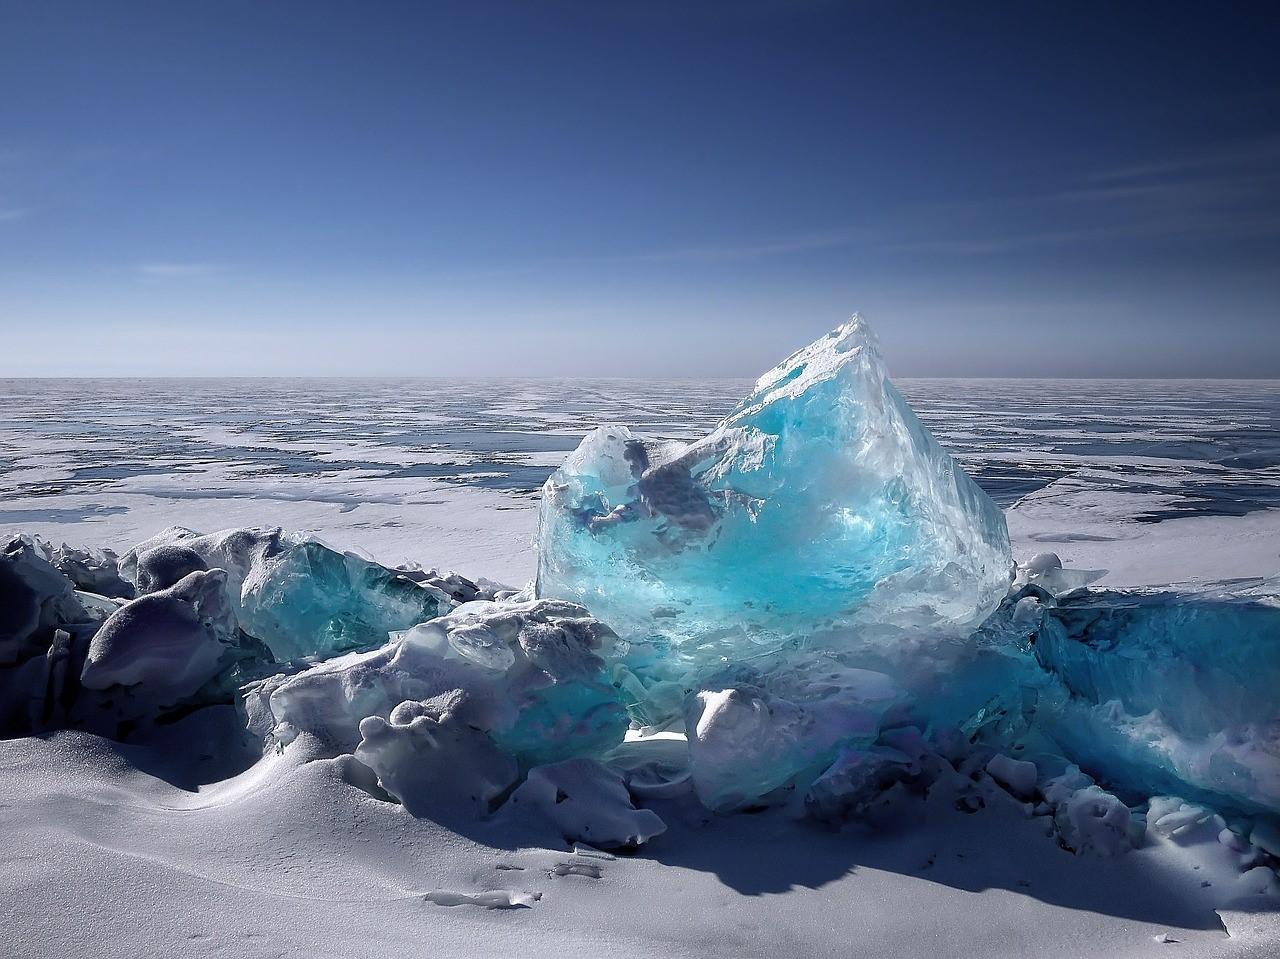 Niebieskawa bryła lodu wystaje zalodzonego akwenu